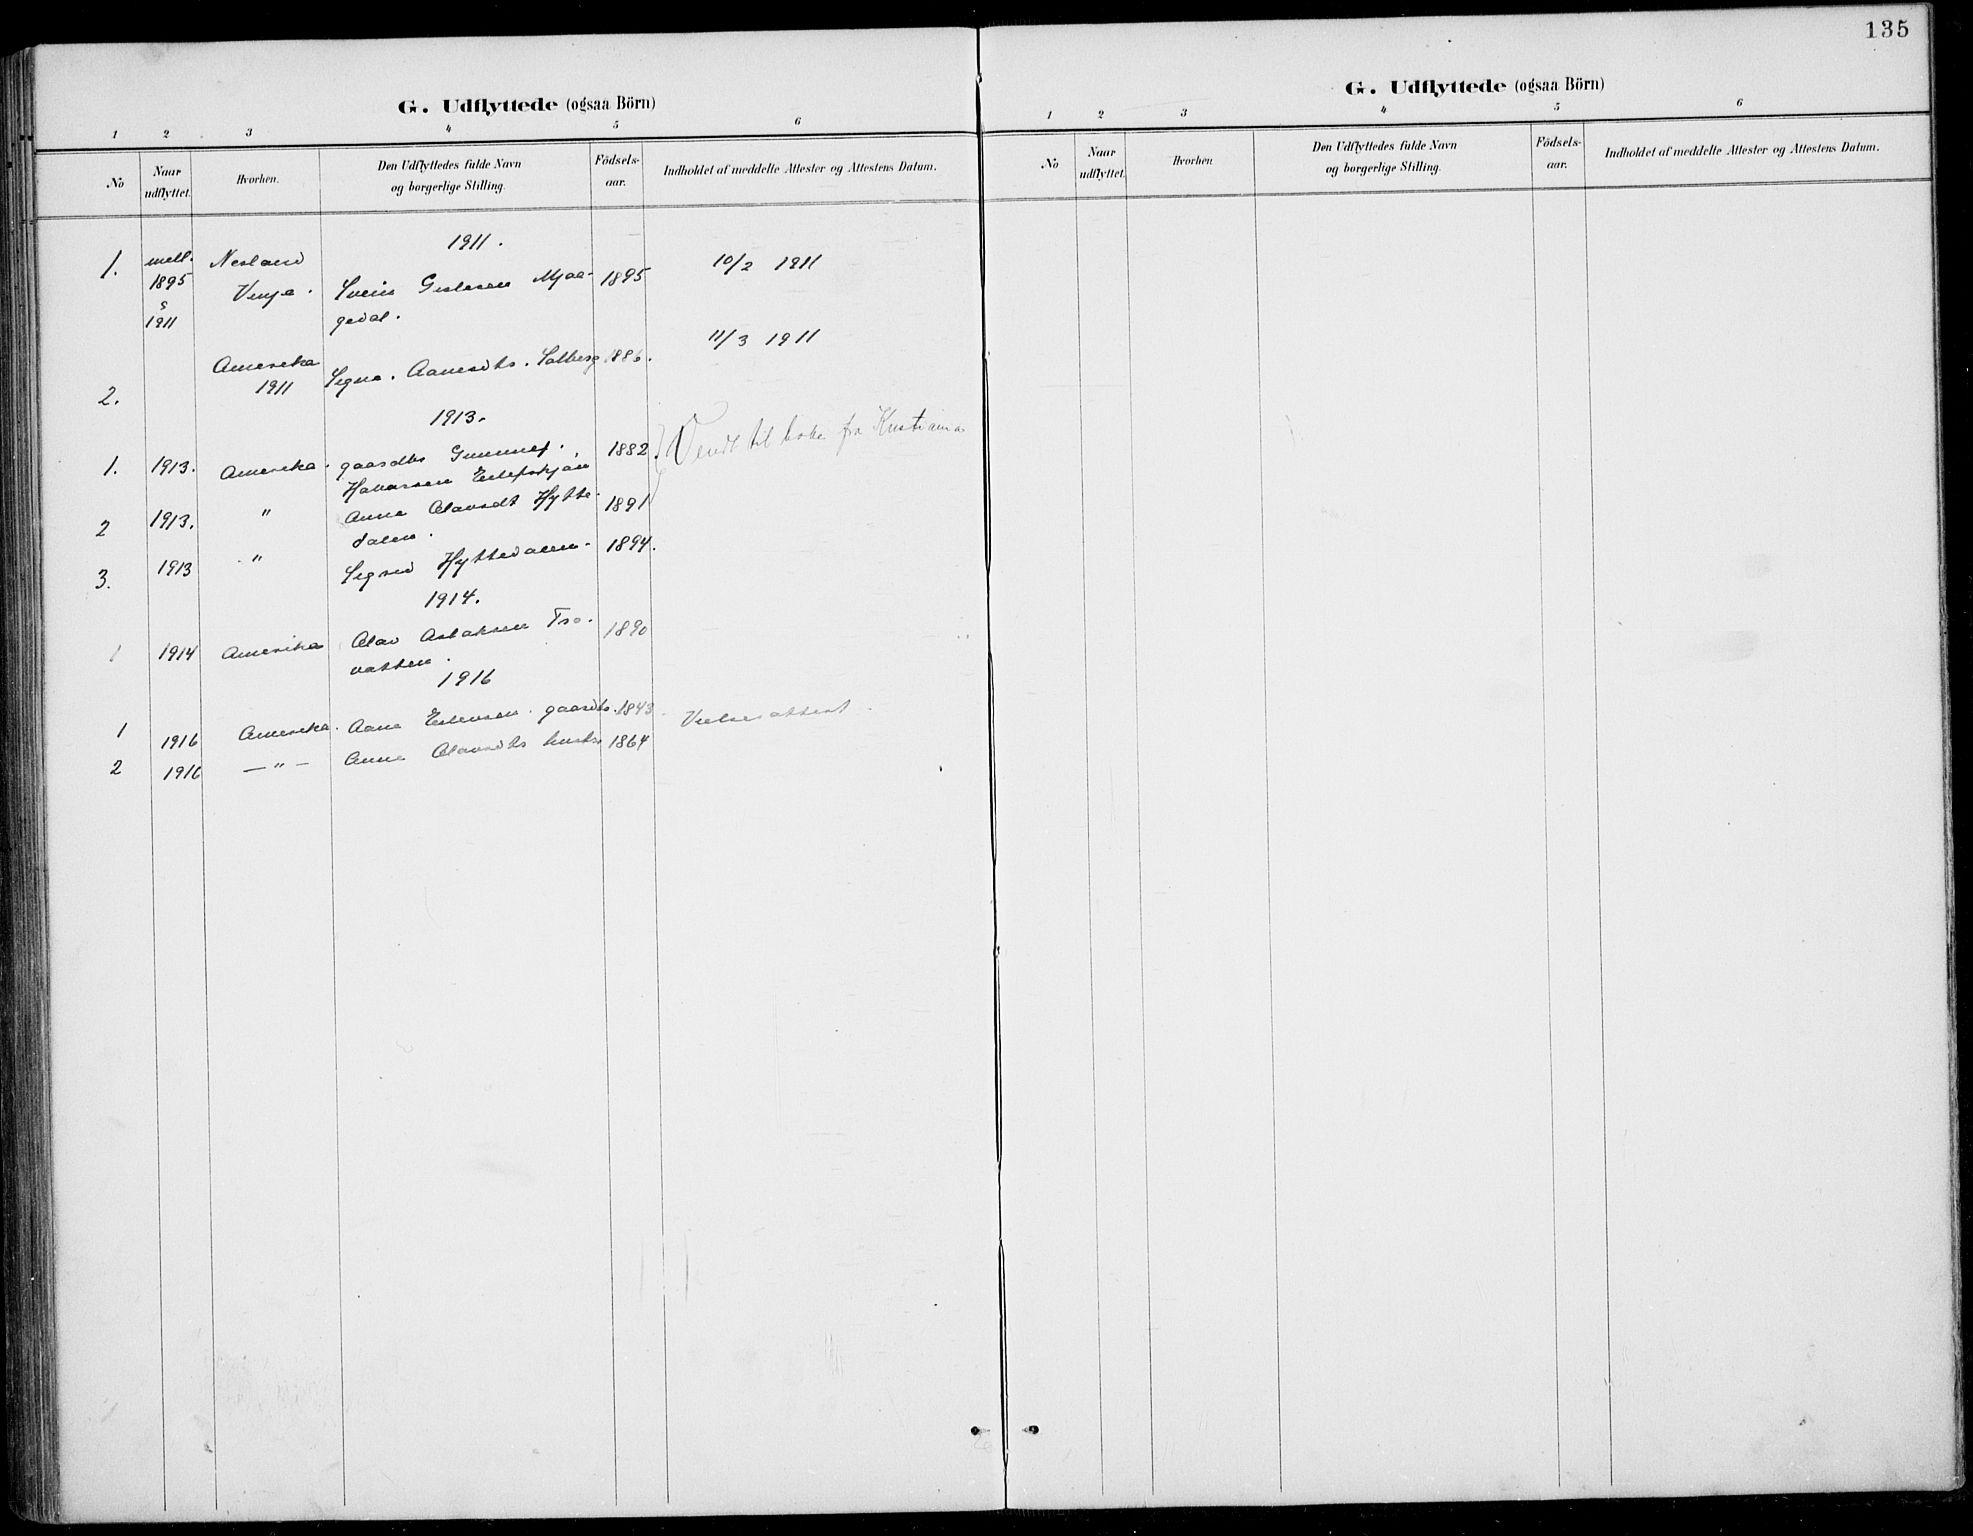 SAKO, Rauland kirkebøker, G/Gb/L0002: Klokkerbok nr. II 2, 1887-1937, s. 135